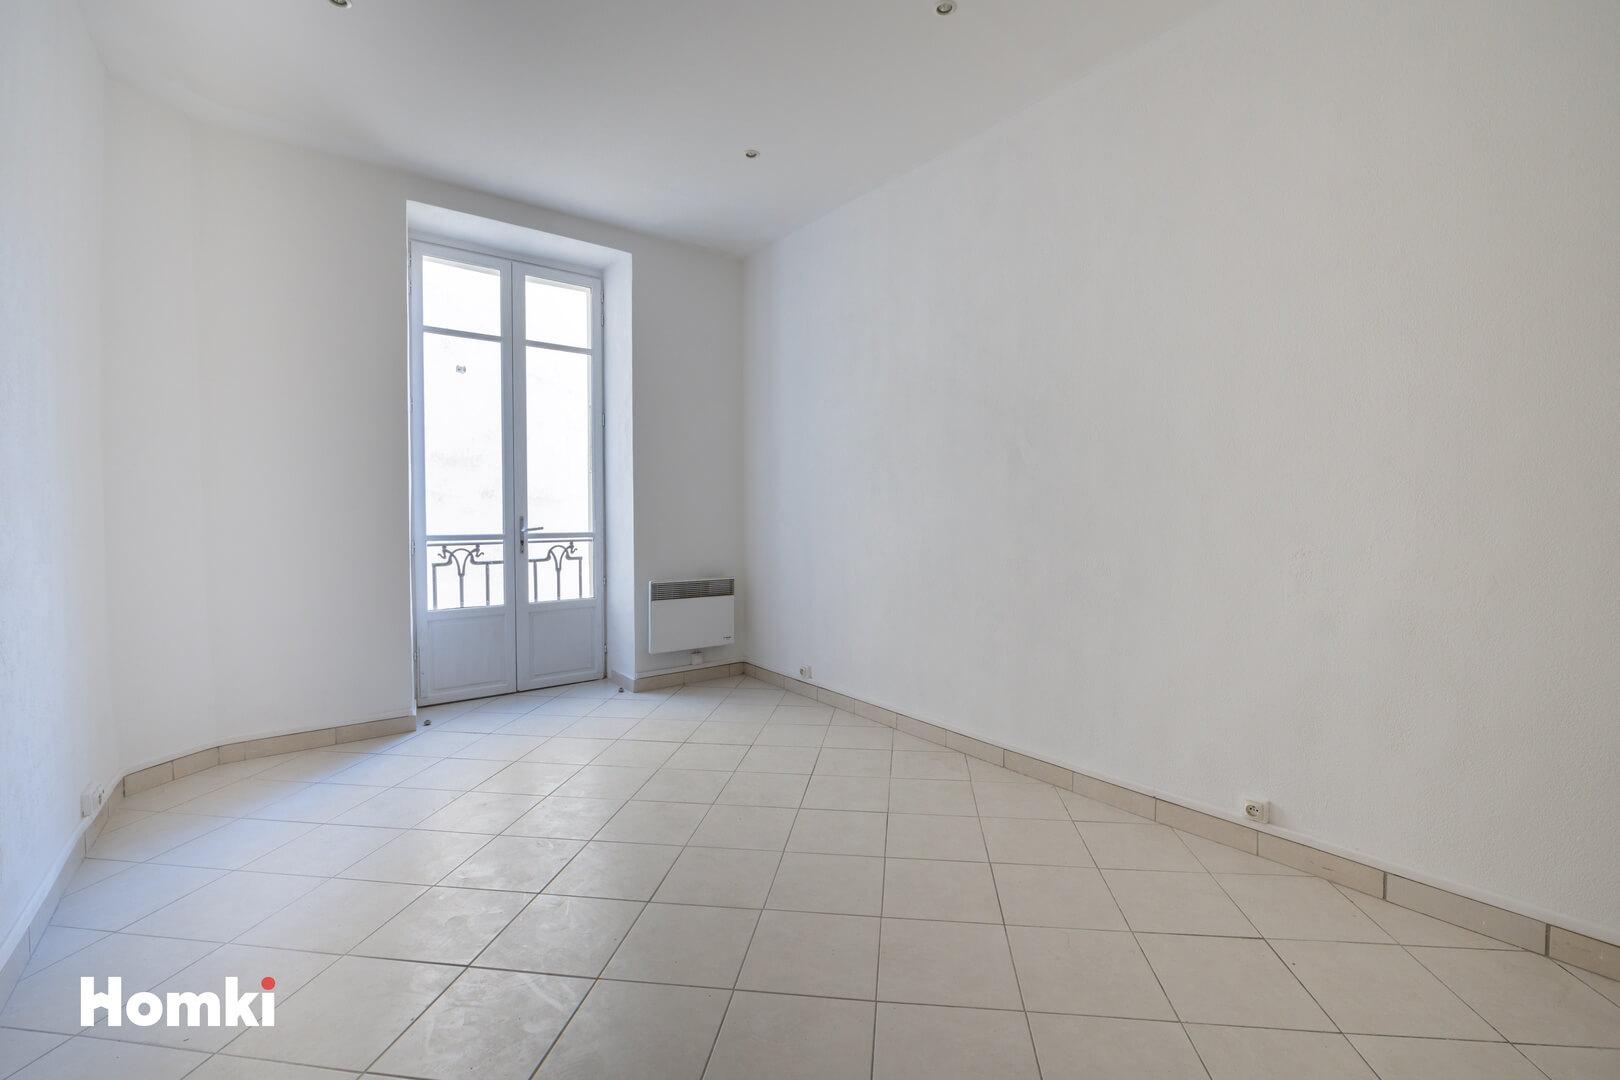 Homki - Vente appartement  de 77.0 m² à Nice 06100